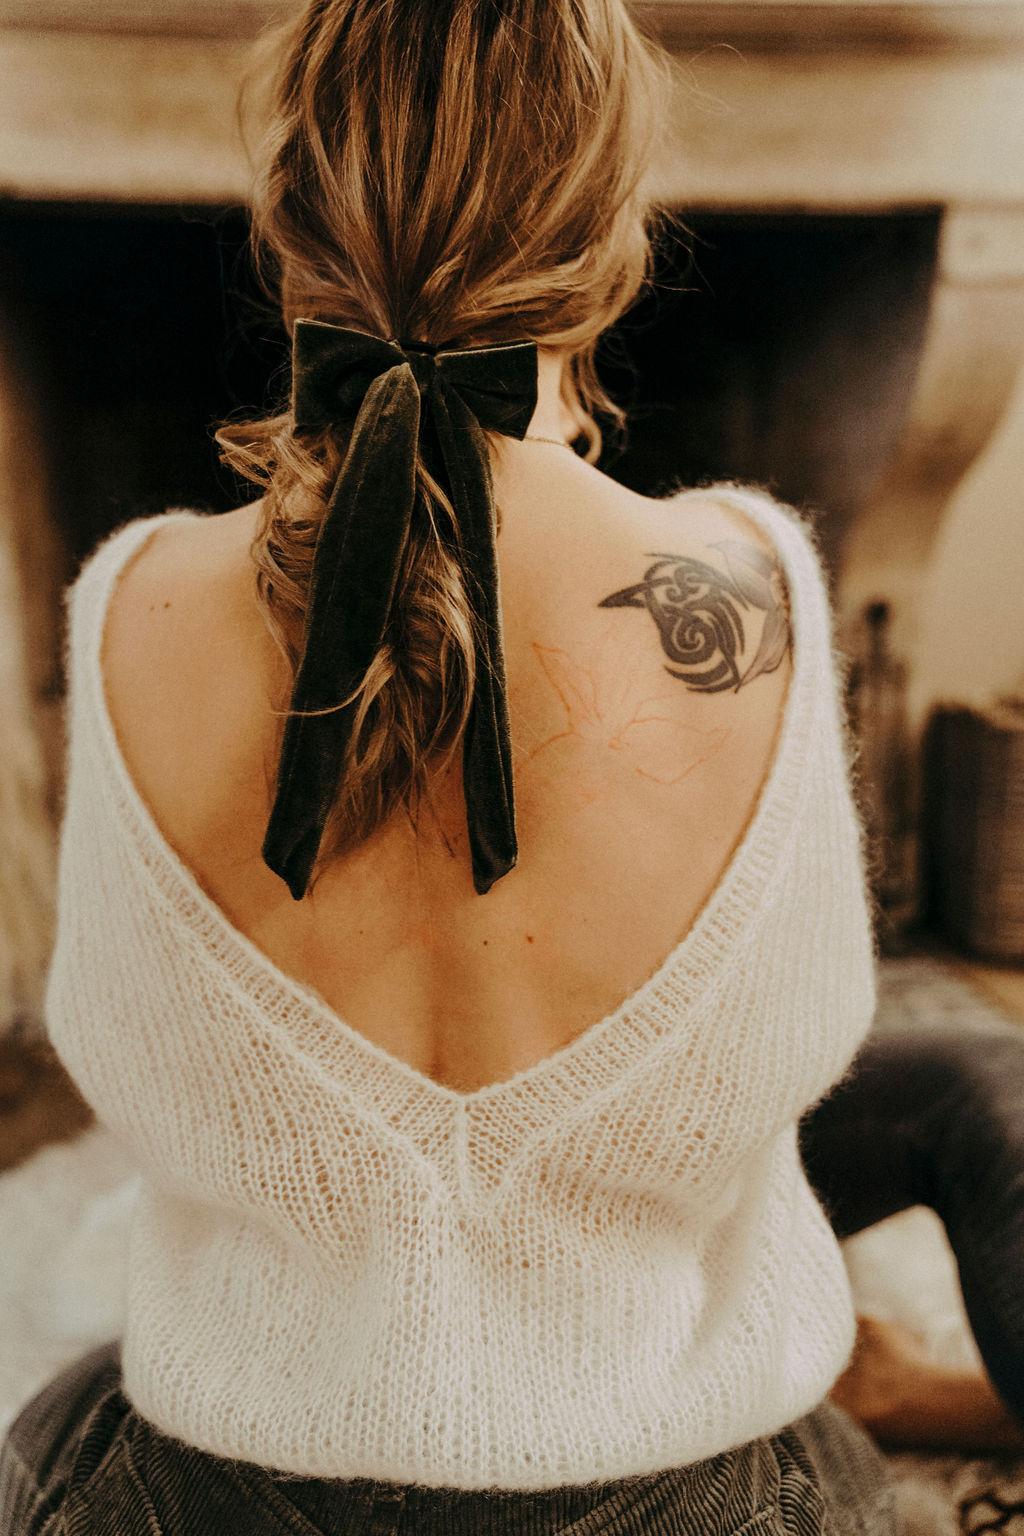 noni Brautmode, Styled Shoot mit Model, Rückenansicht mit tief ausgeschnittenem Wollpullover in Weiss